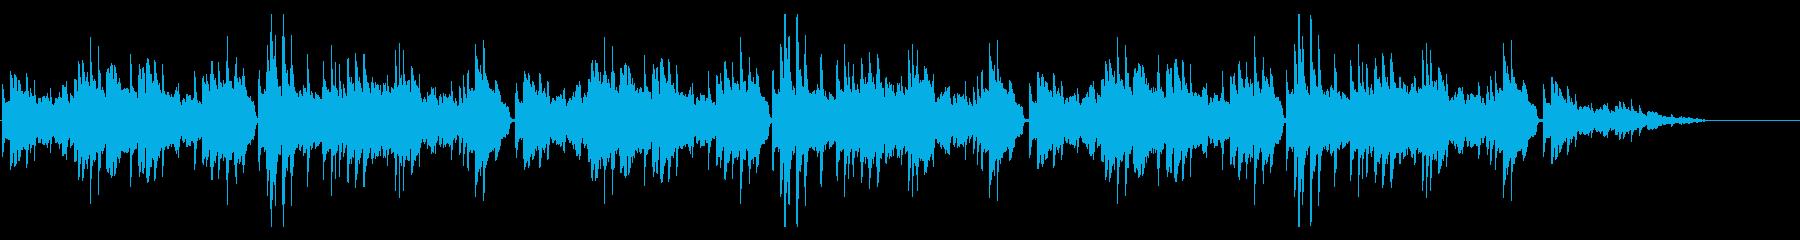 秋の定番童謡「紅葉」シンプルなピアノソロの再生済みの波形